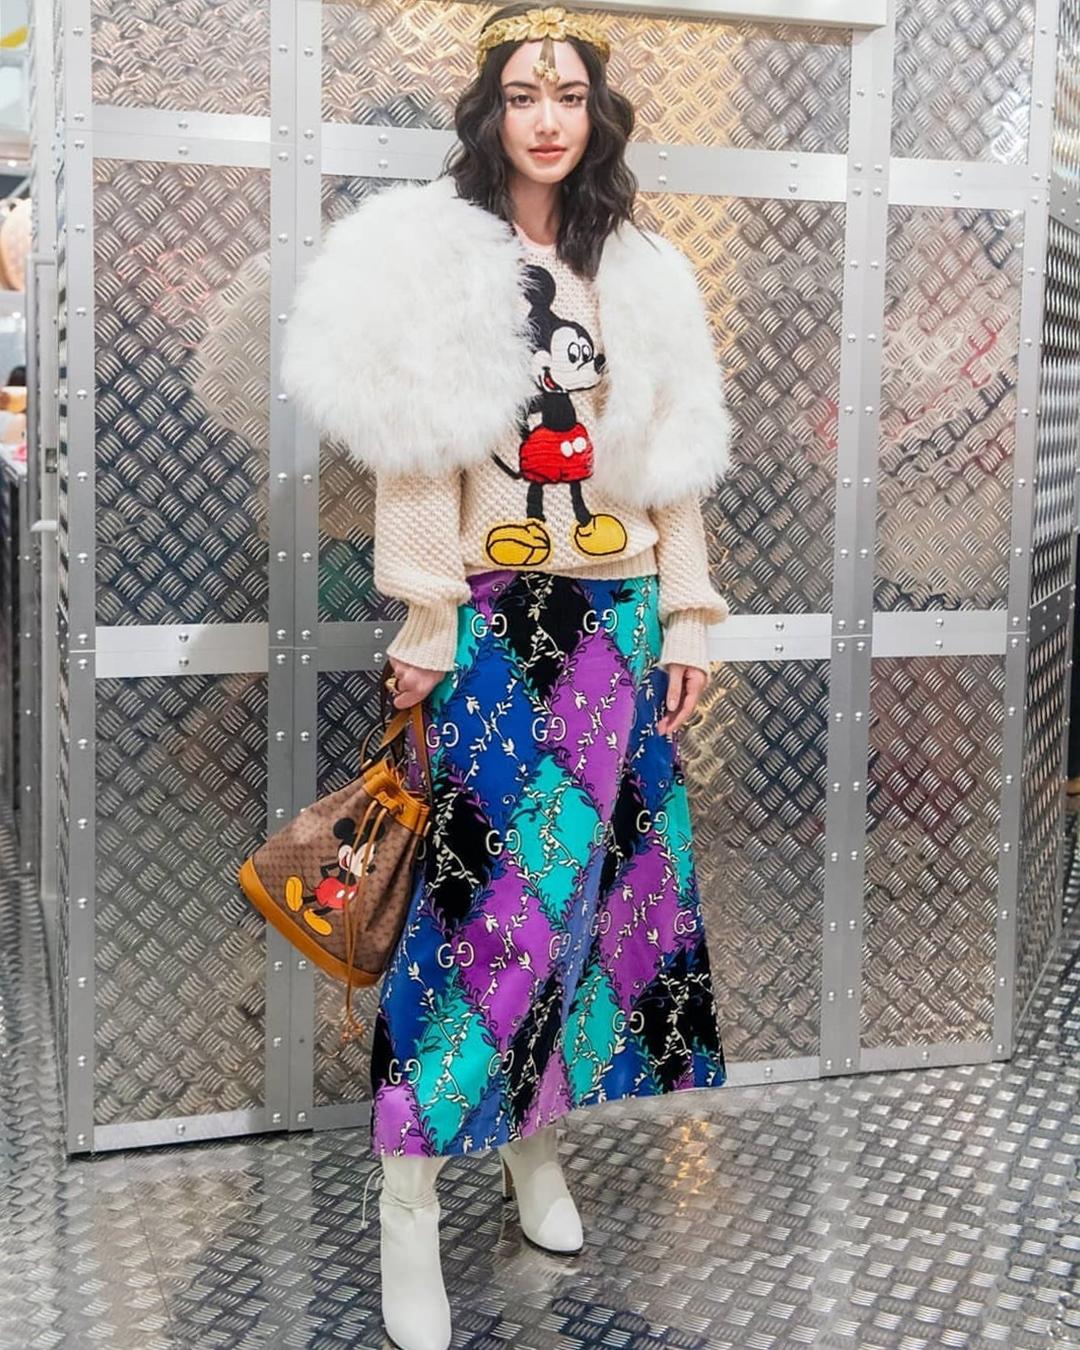 Mỹ nhân Thái Lan tiếp tục lăng xê trang phục của Gucci trong một sự kiện. Cô xách túi xô họa tiết chuột Mickey hơn 43 triệu đồng, đồng điệu áo len, tạo điểm nhấn với phụ kiện đội đầu mô phỏng vòng nguyệt quế và áo lông trắng.